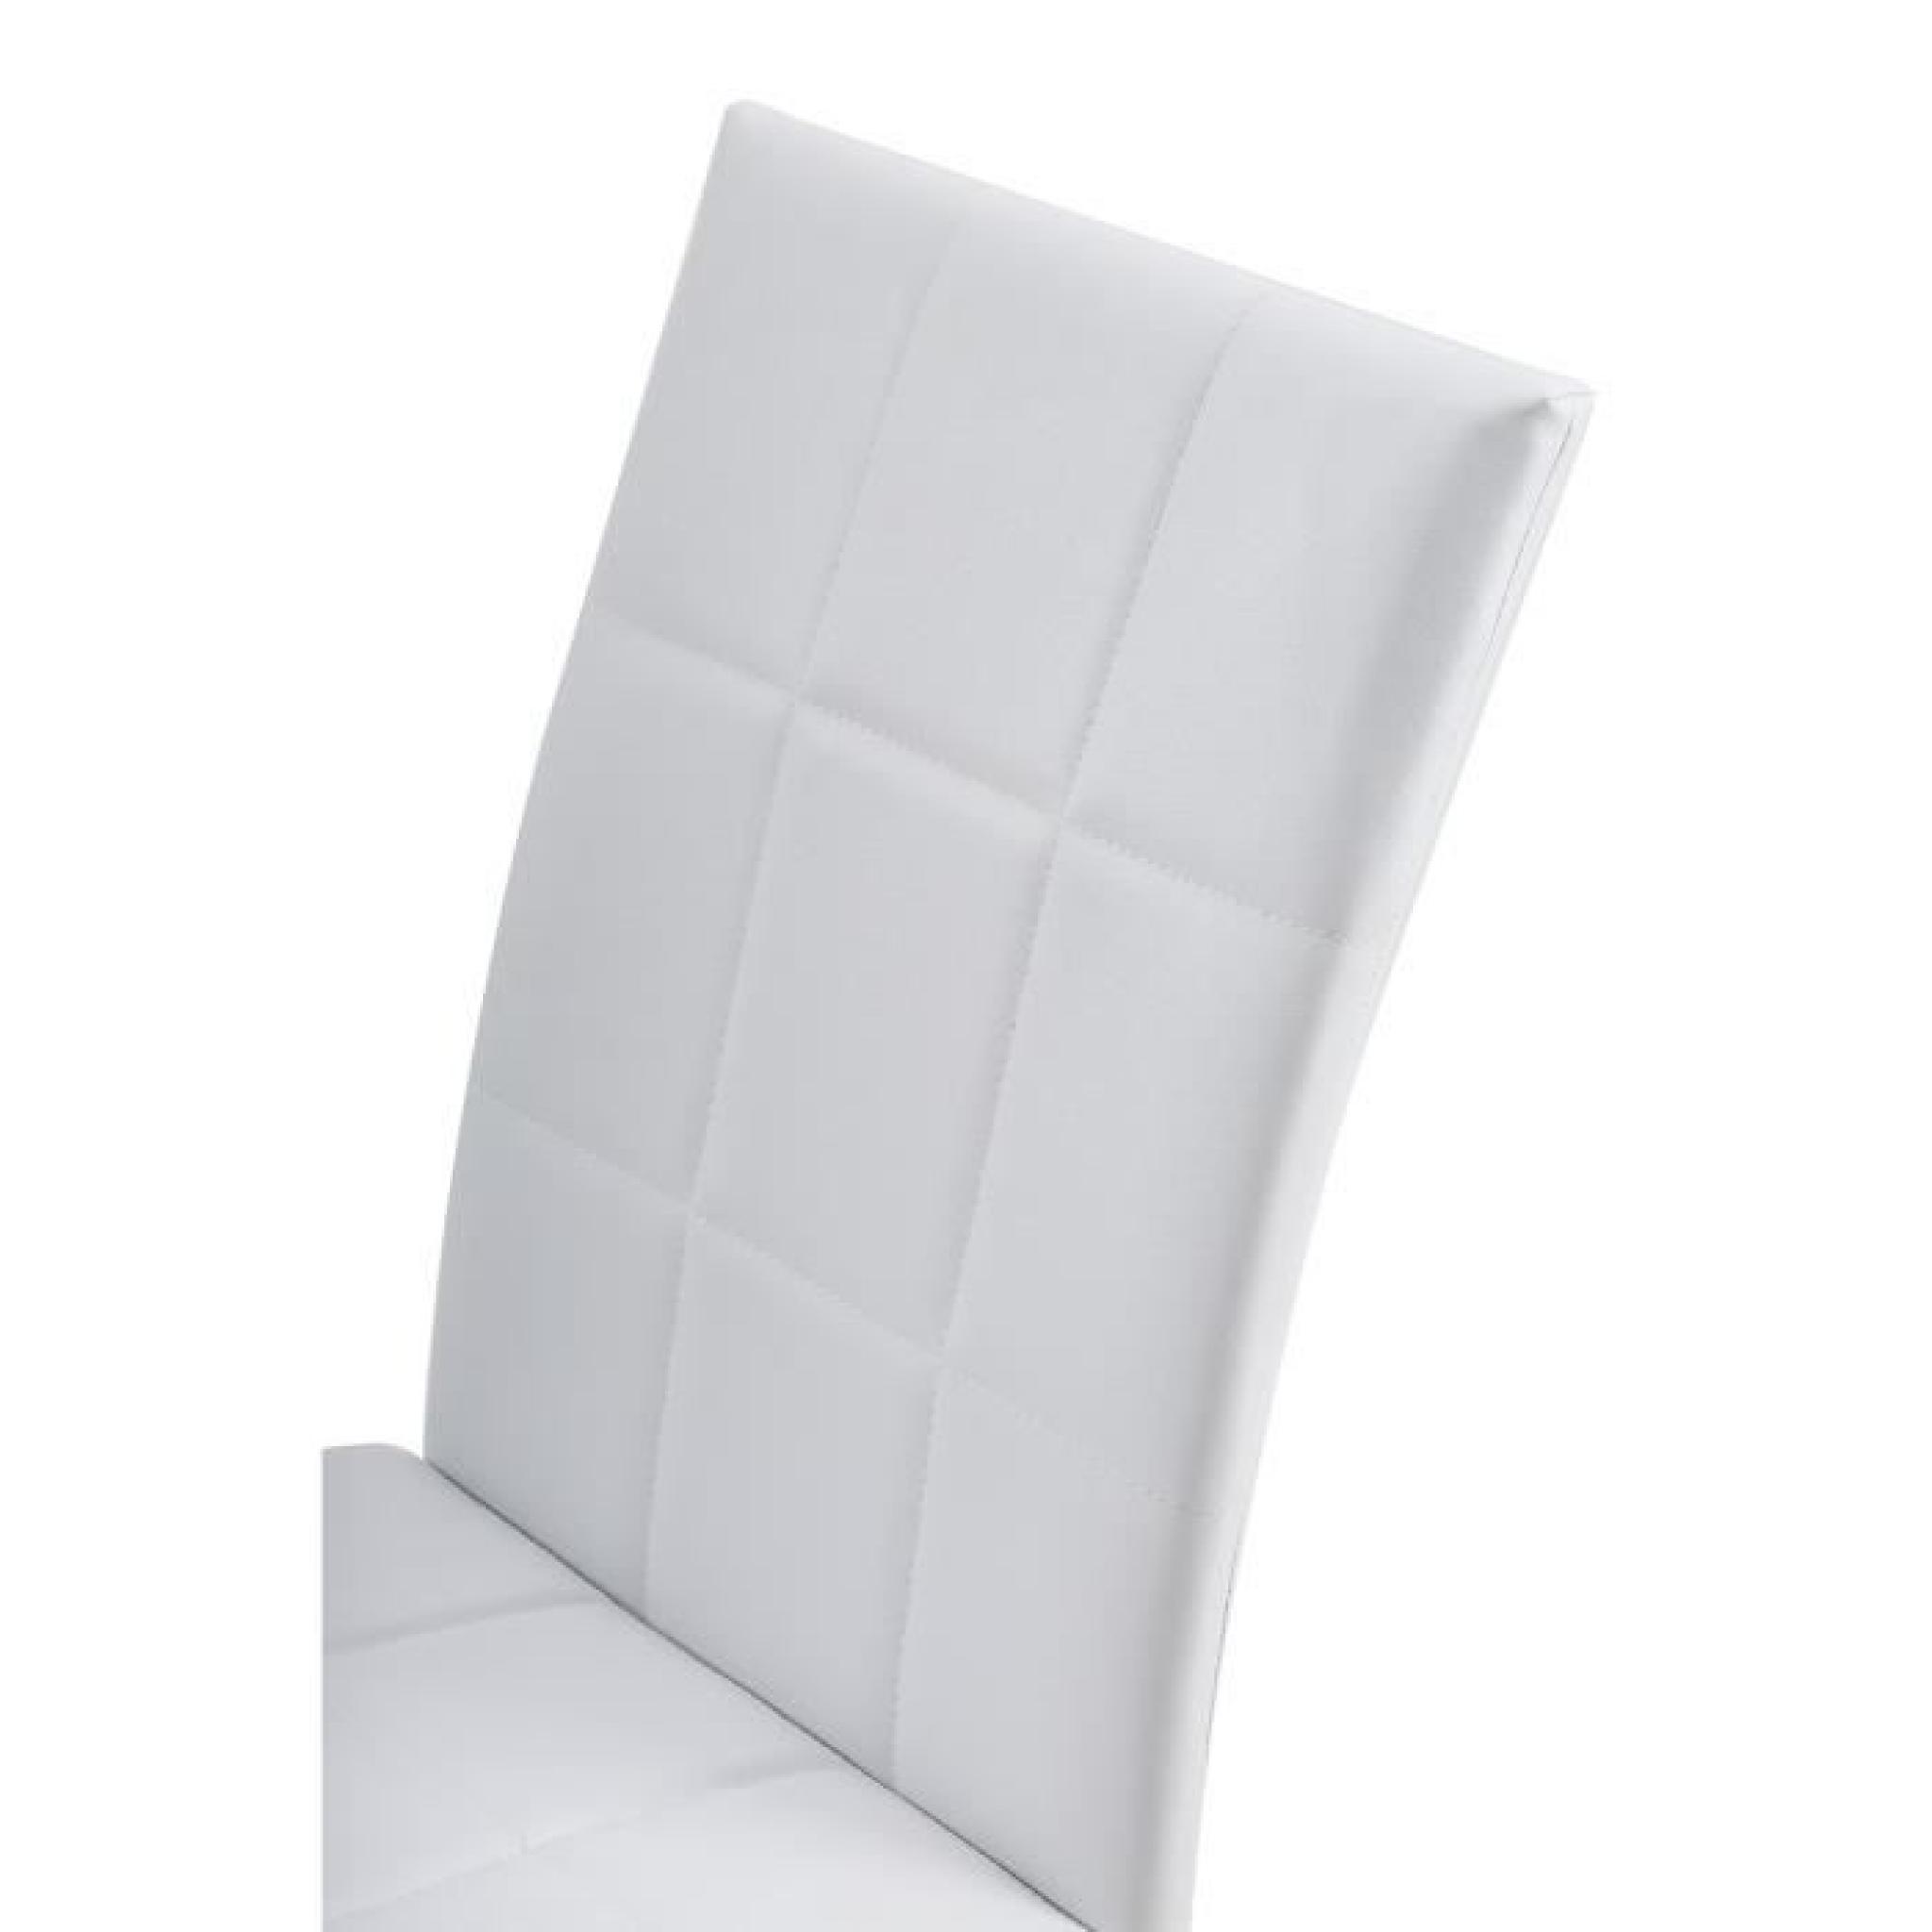 Achat de chaises de salle a manger valdiz - Chaise blanche de salle a manger ...